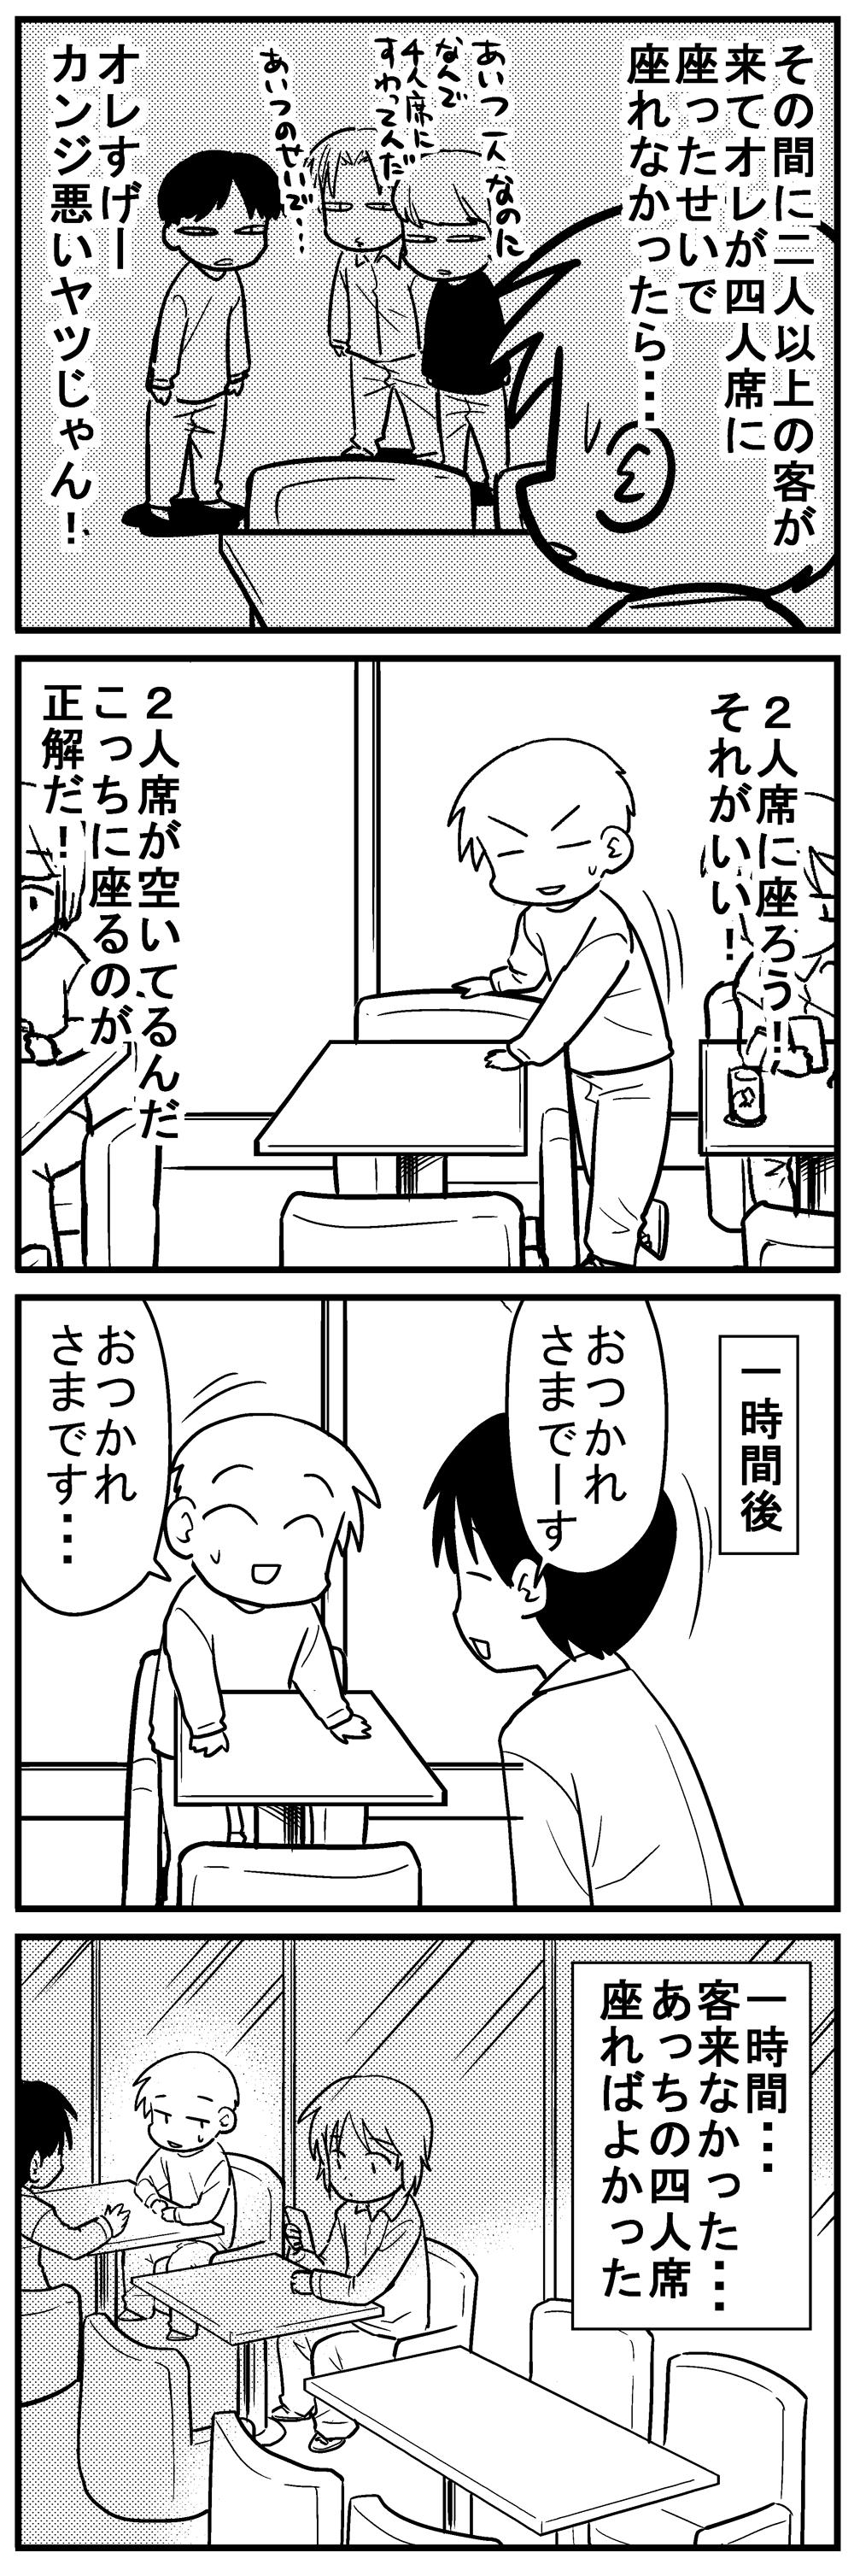 深読みくん125-4